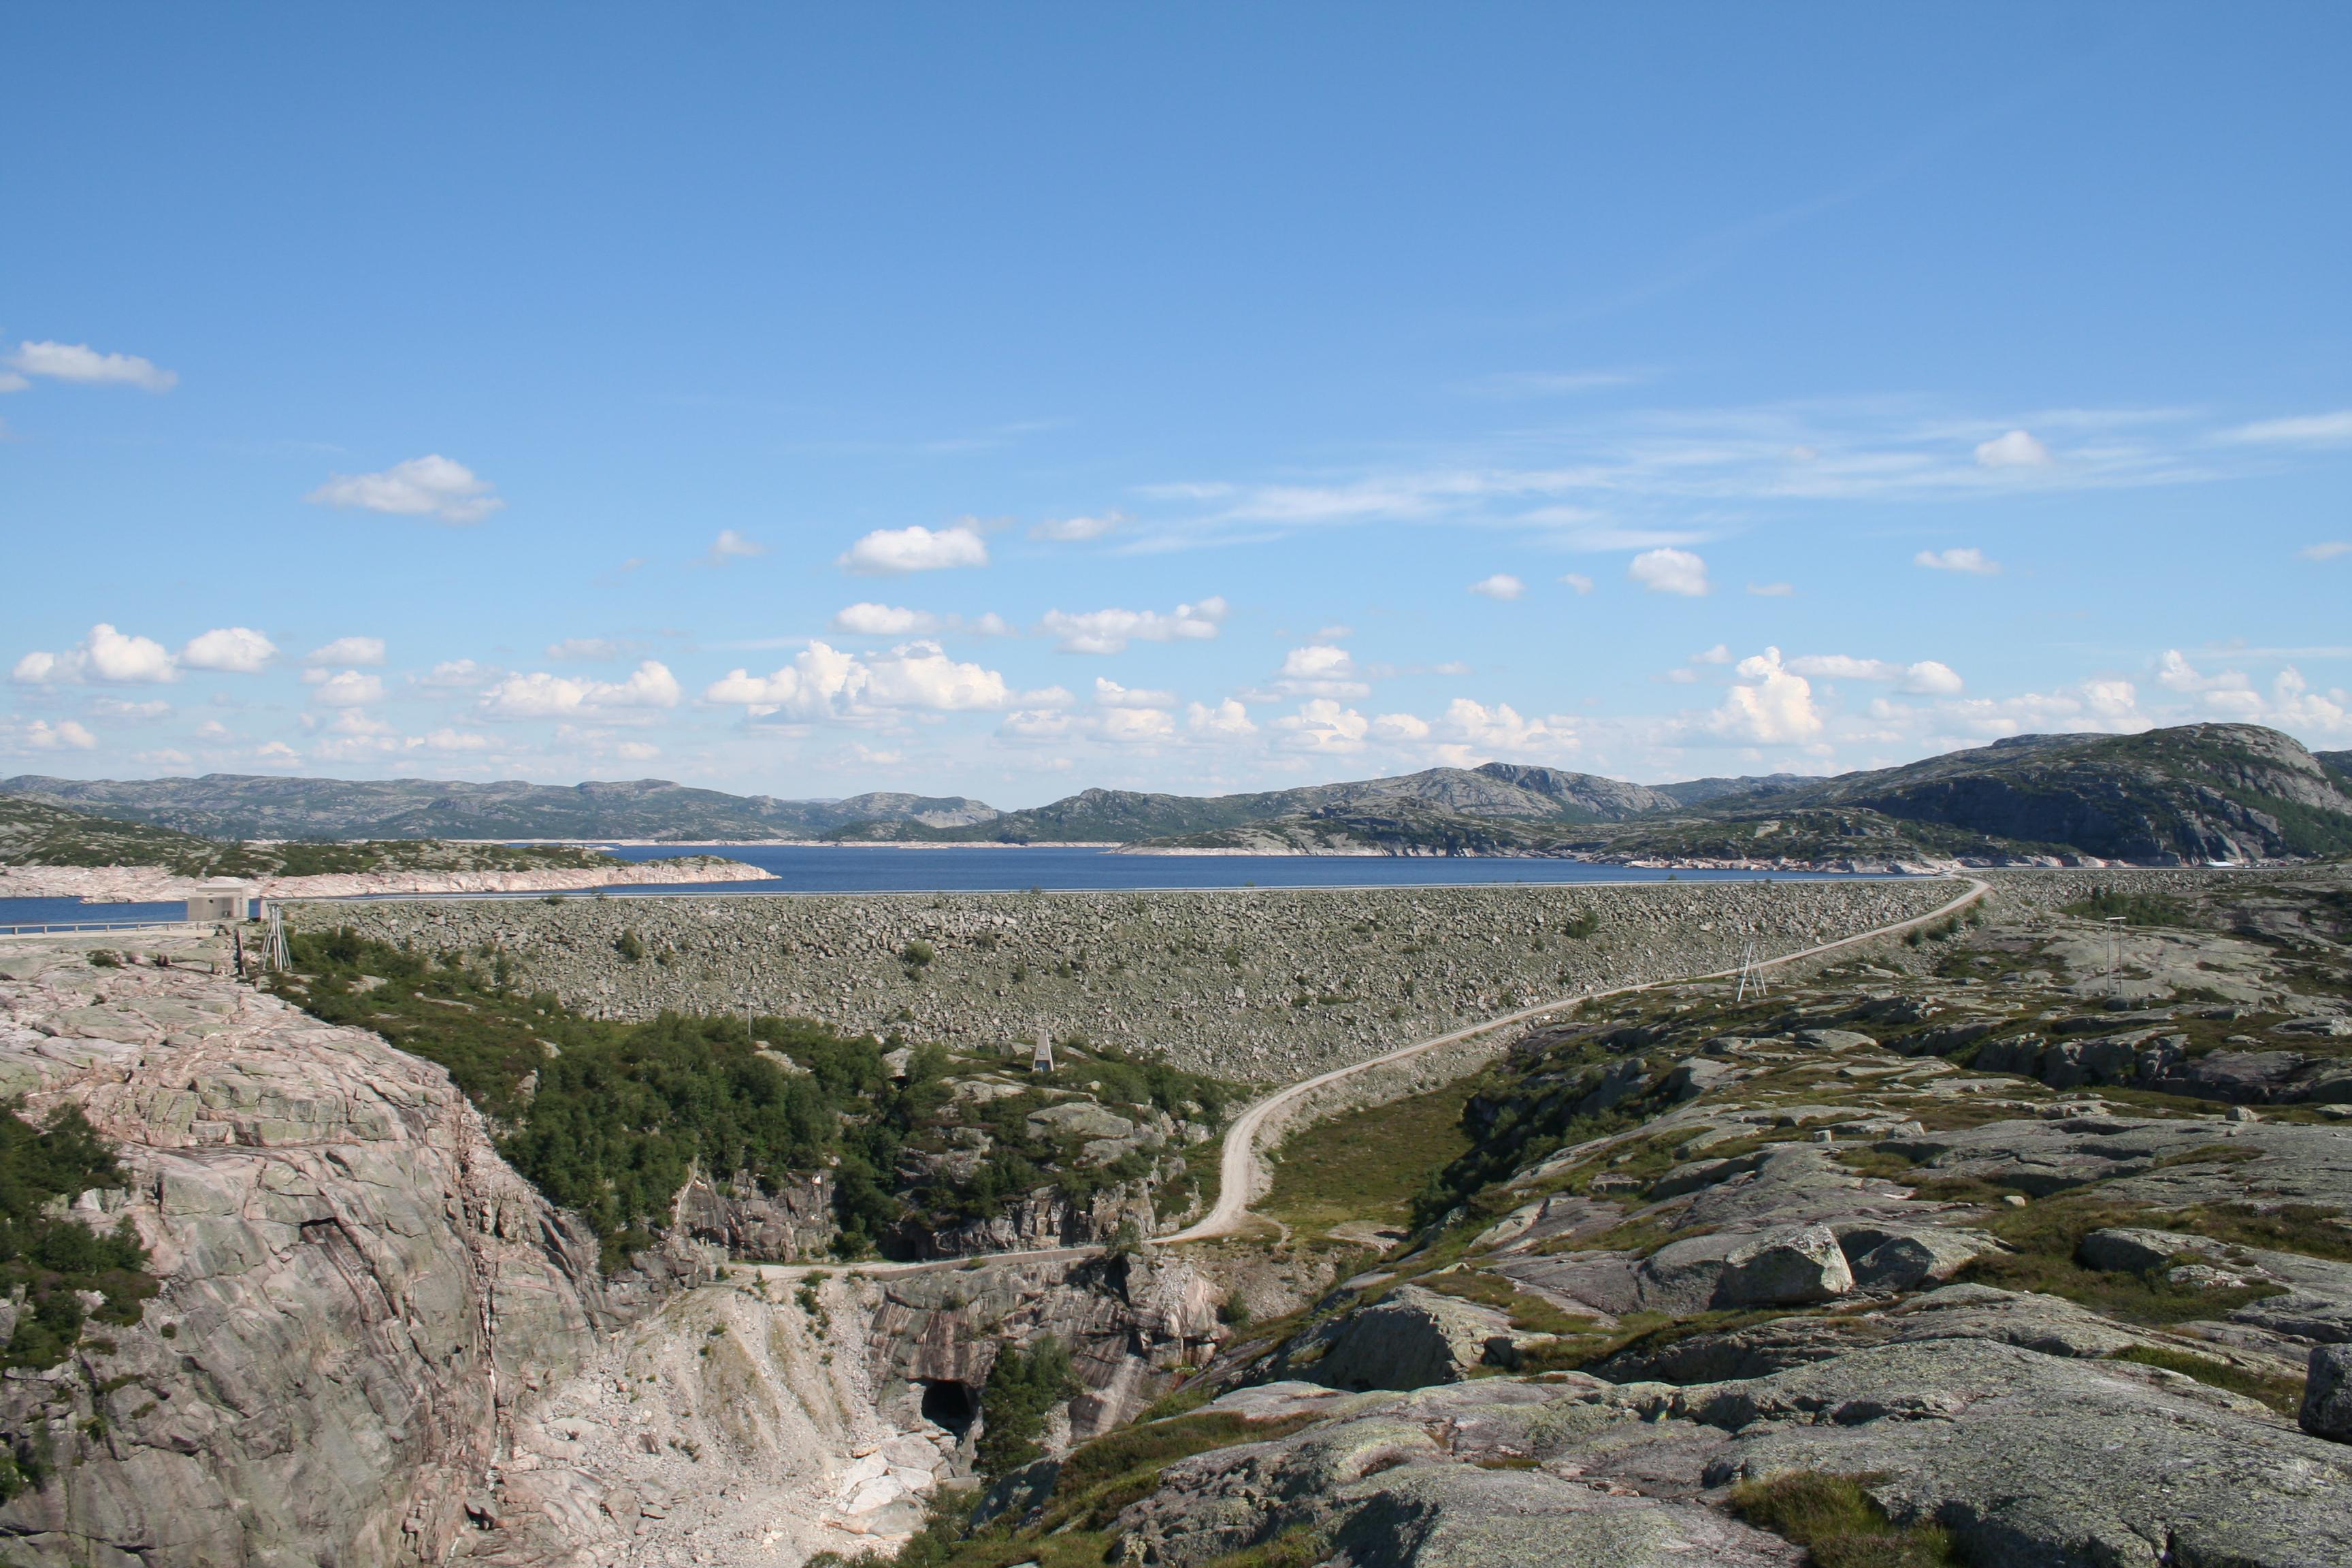 Kvifjorden